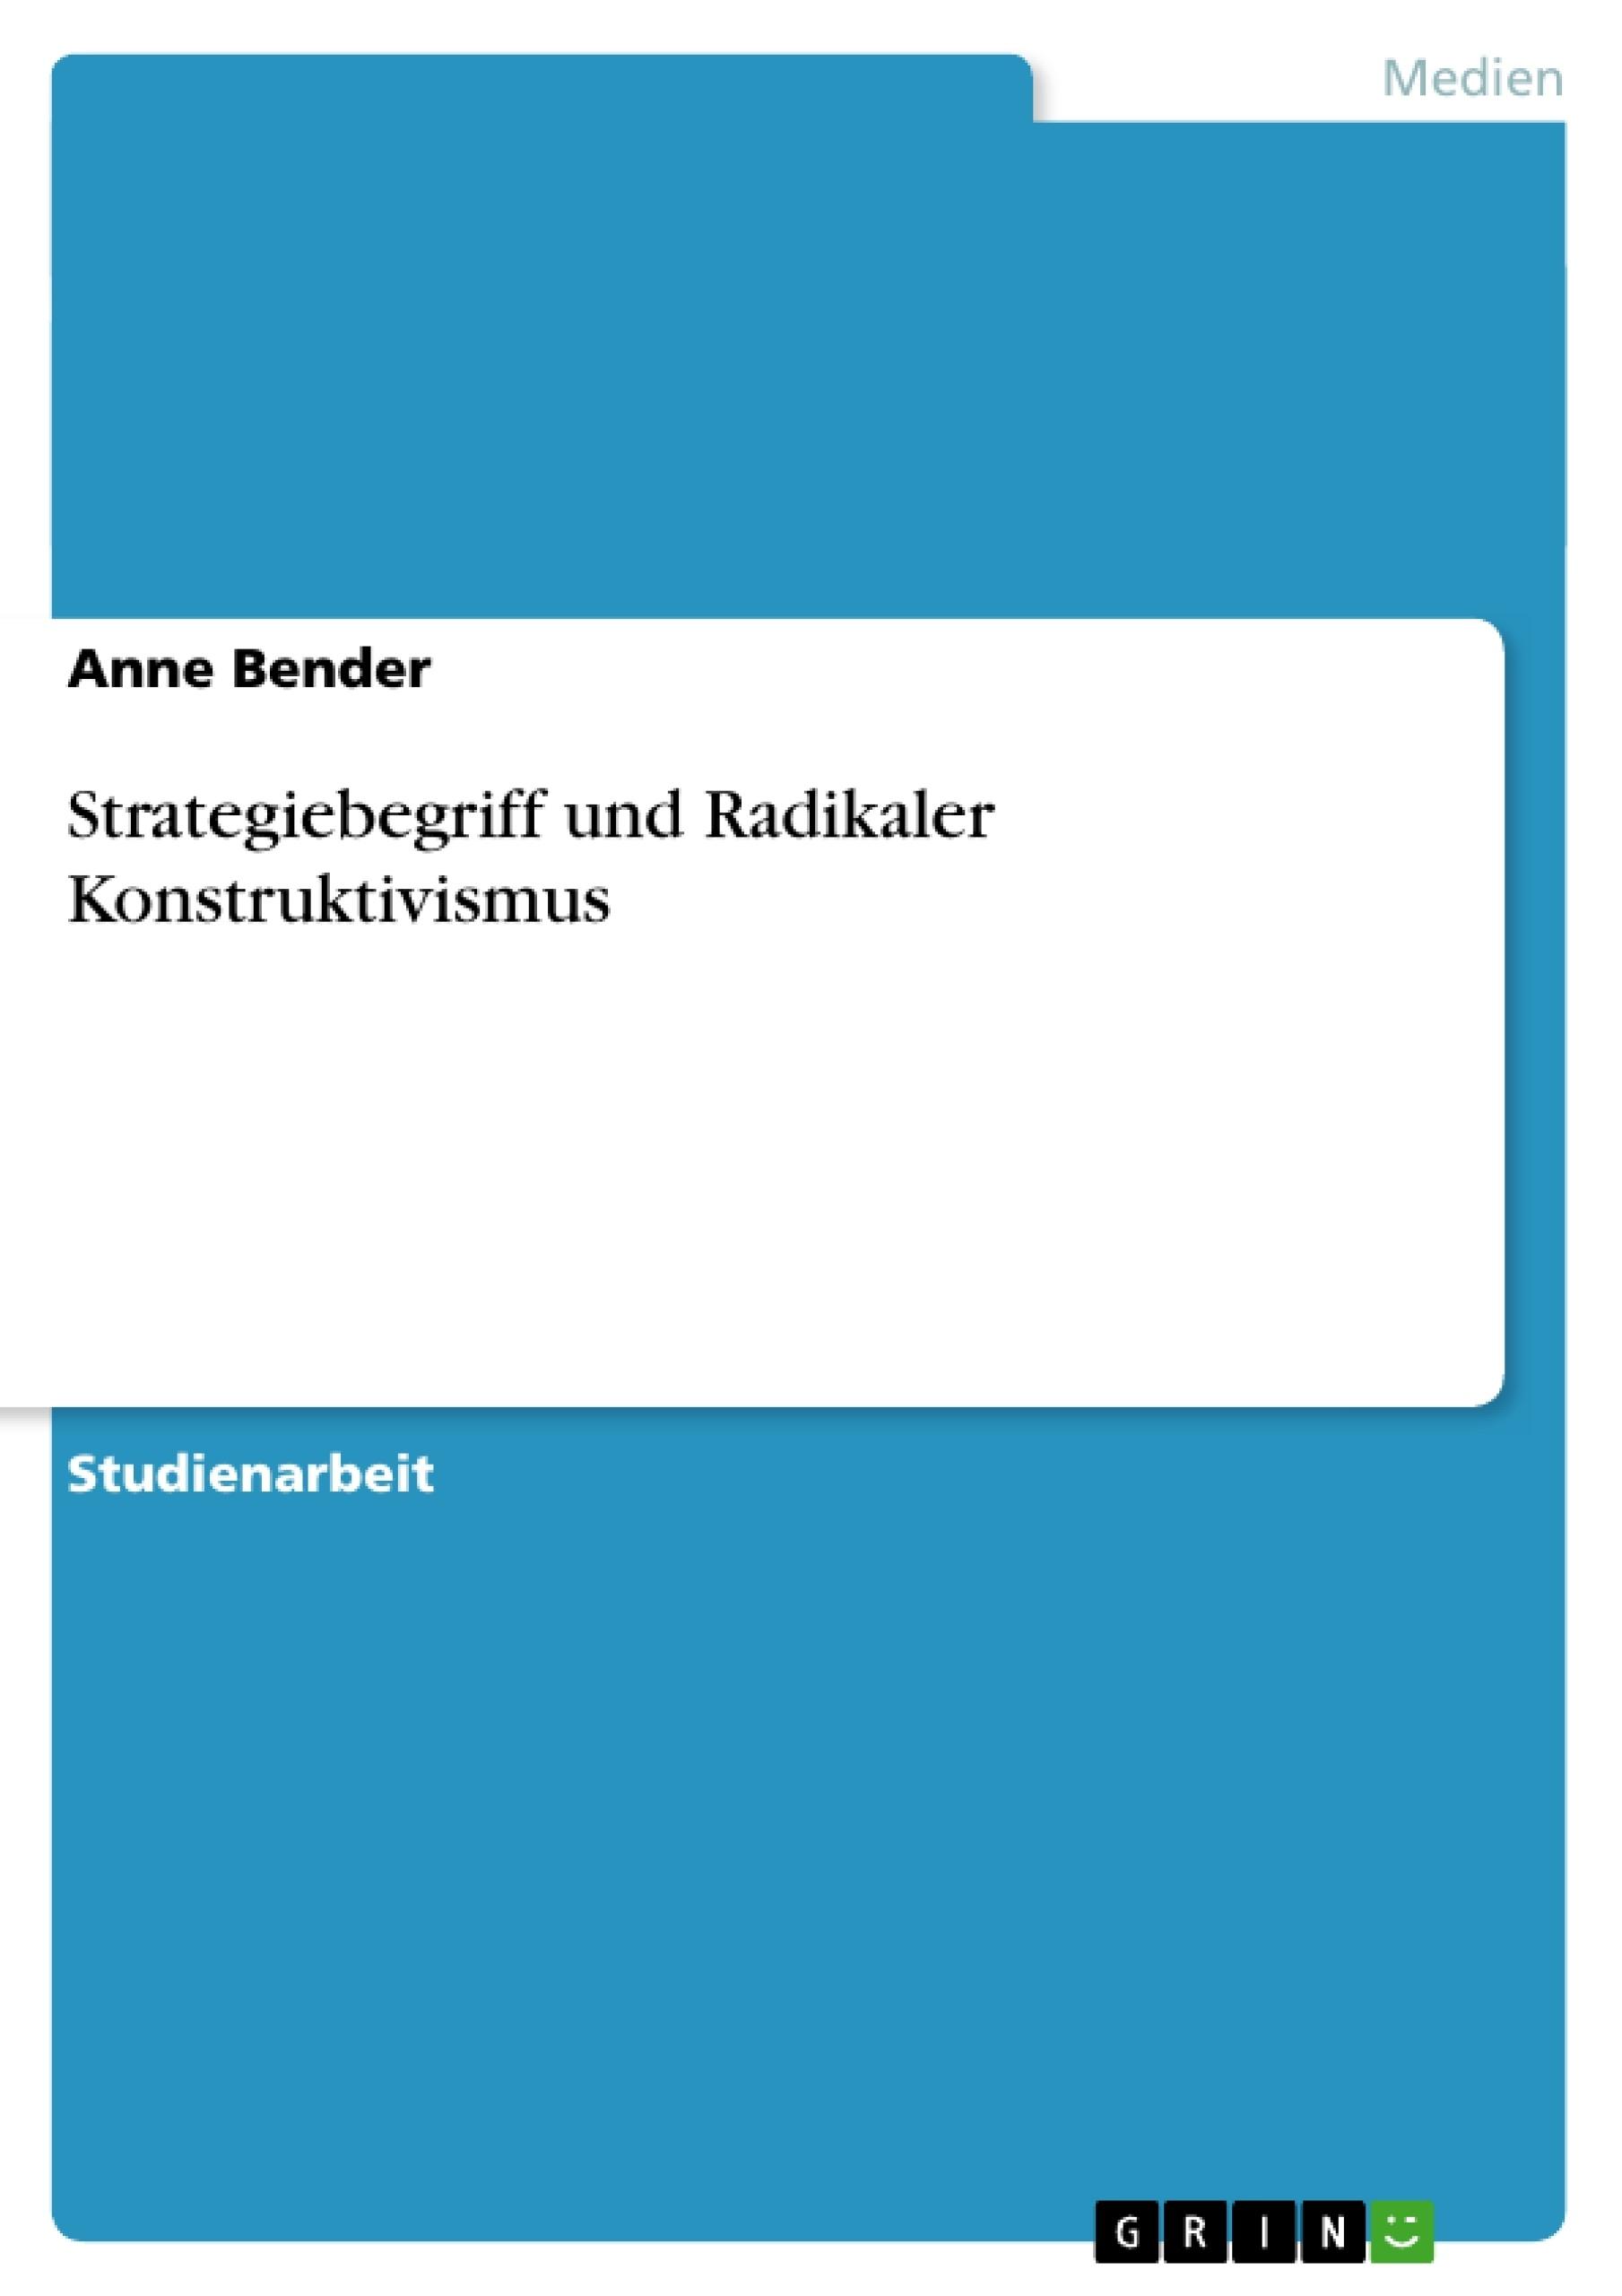 Titel: Strategiebegriff und Radikaler Konstruktivismus